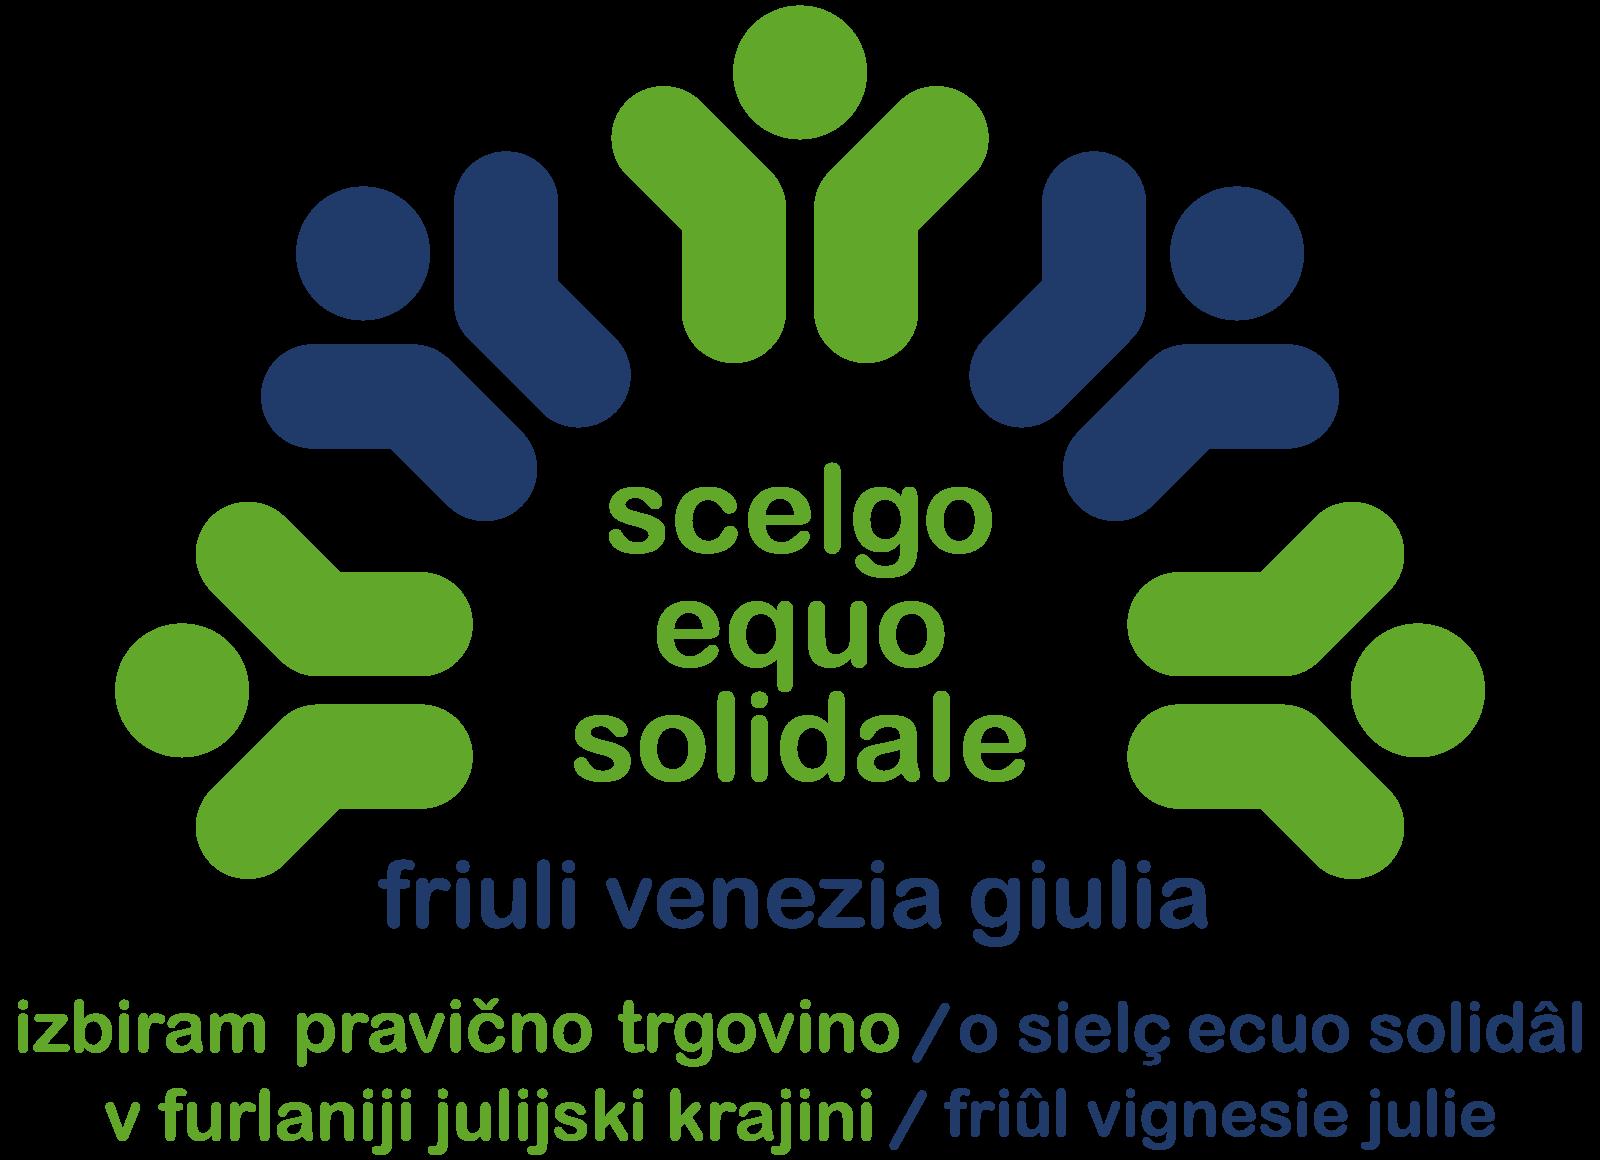 Equo fvg logo